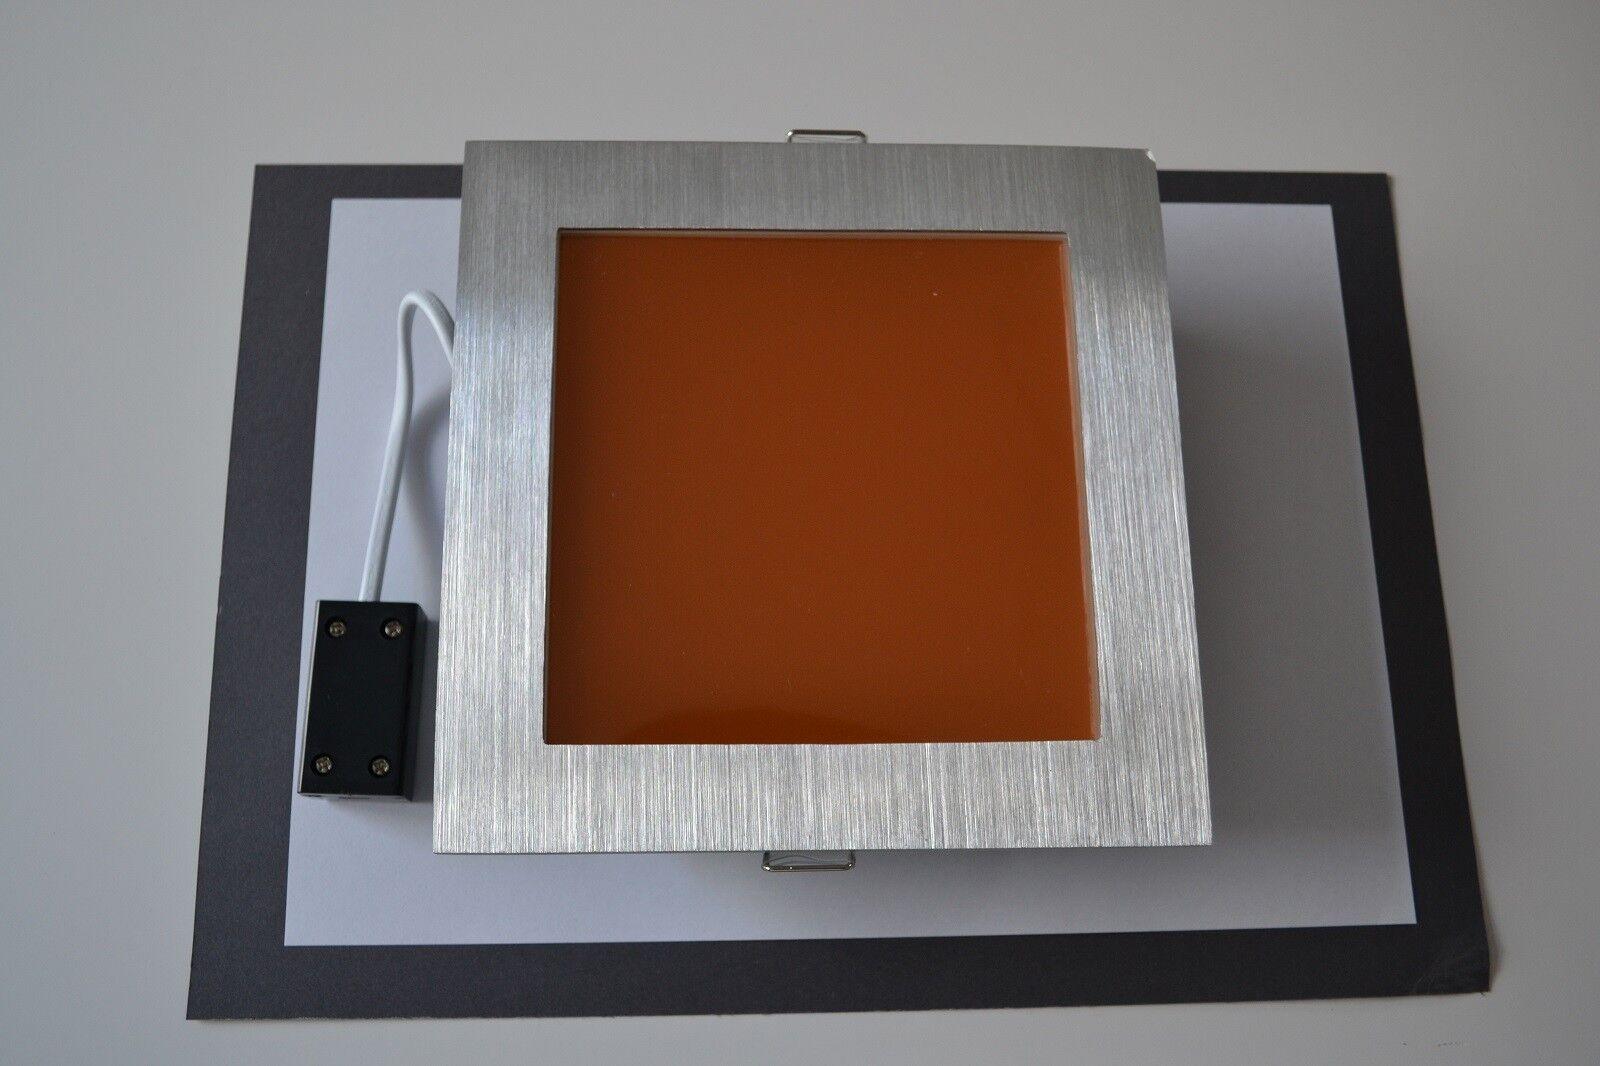 WARMLICHTFILTER LED EINBAULAMPE VIERECKIG 6-6,9 CM KANTENLÄNGE 1 STÜCK